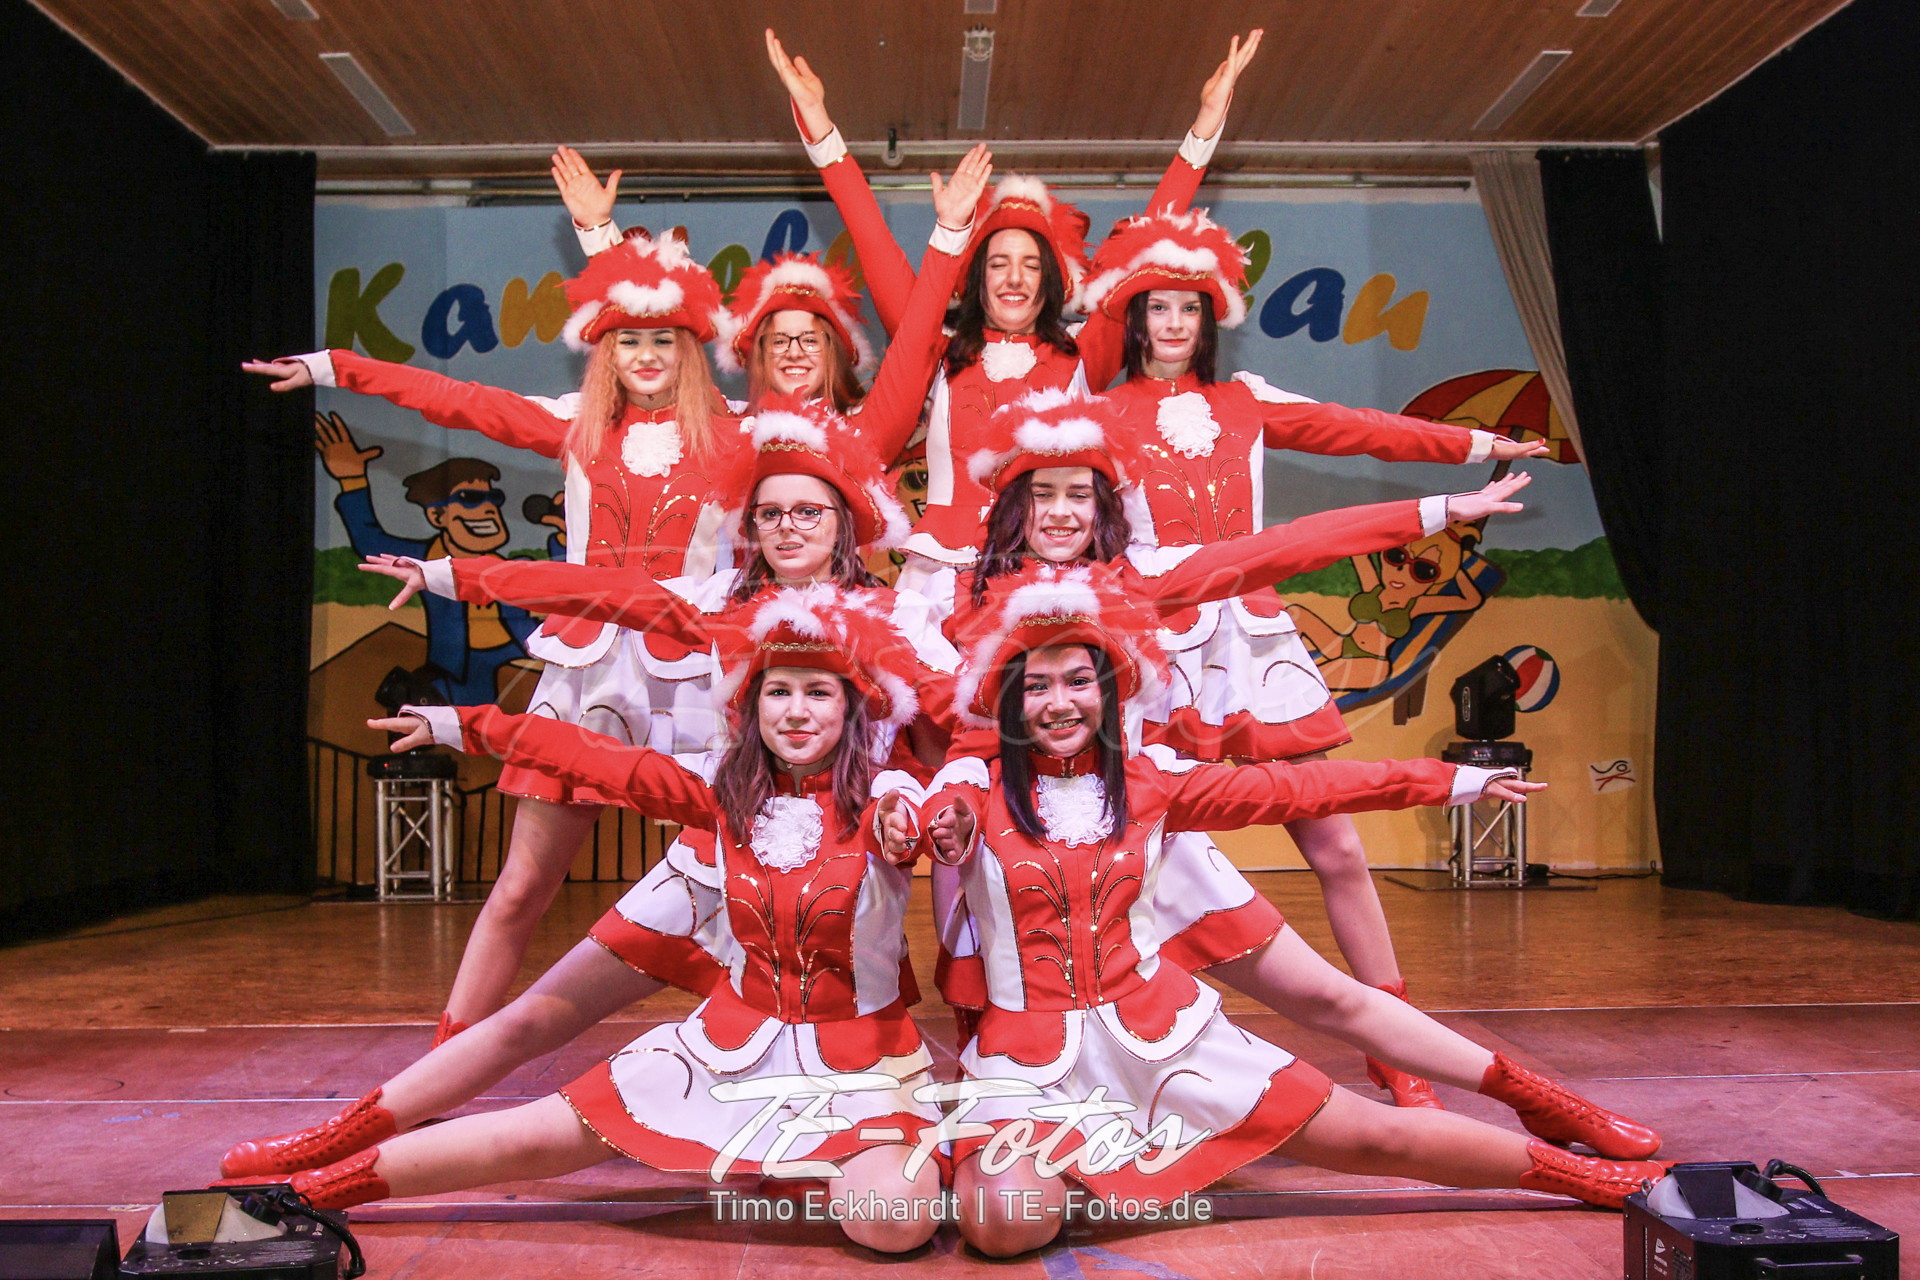 Karneval in Schoningen, Wiensen, Vernawahlshausen, Offensen - hier im Bild die Schoninger Garde